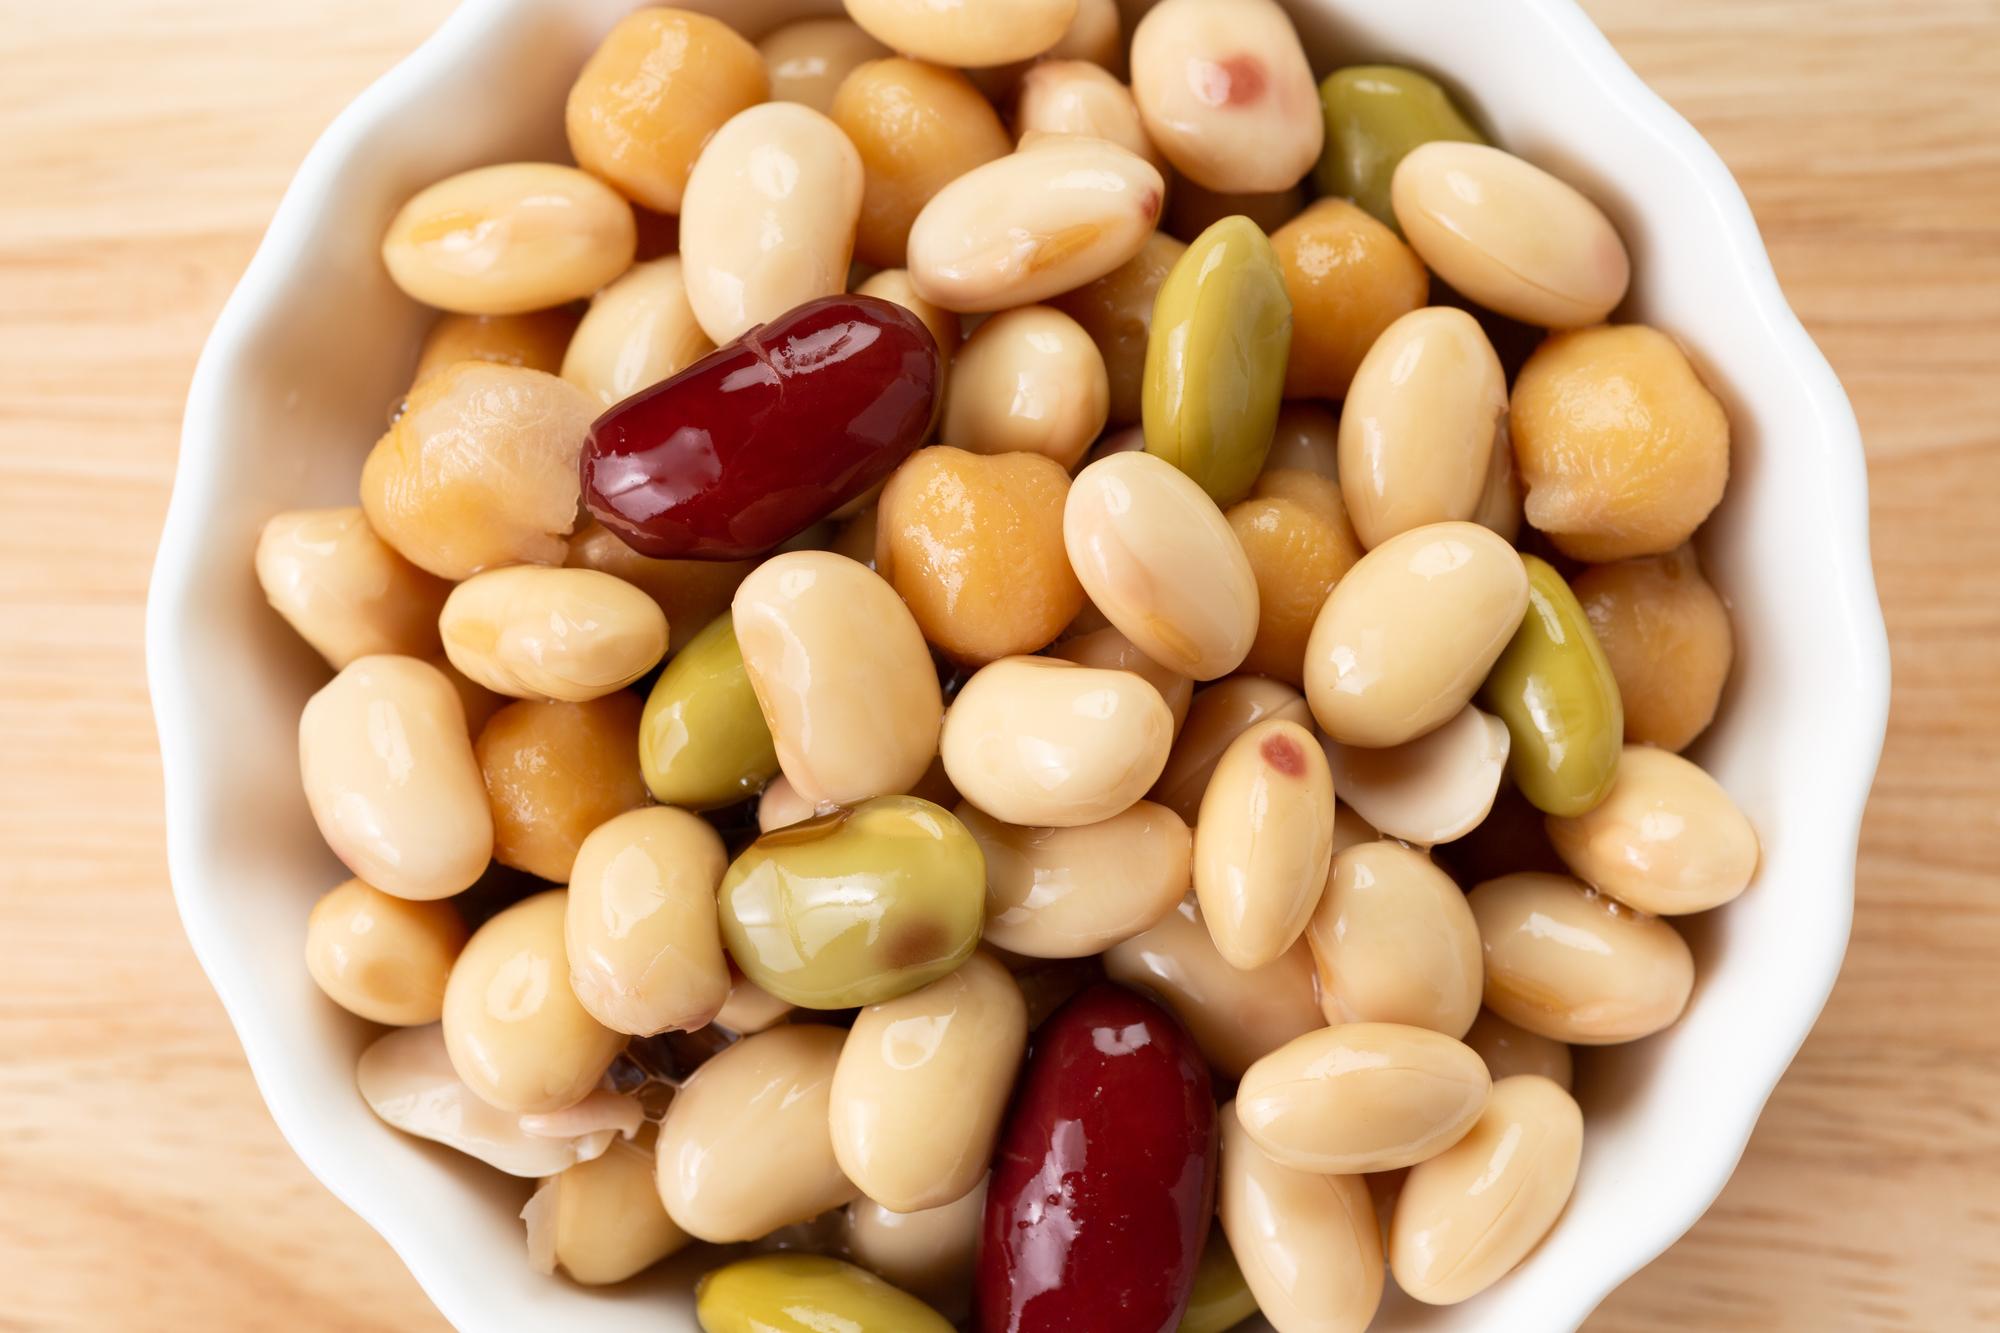 薄毛に悩む人には大豆食品がオススメ!大豆食品の薄毛に与える効果について解説